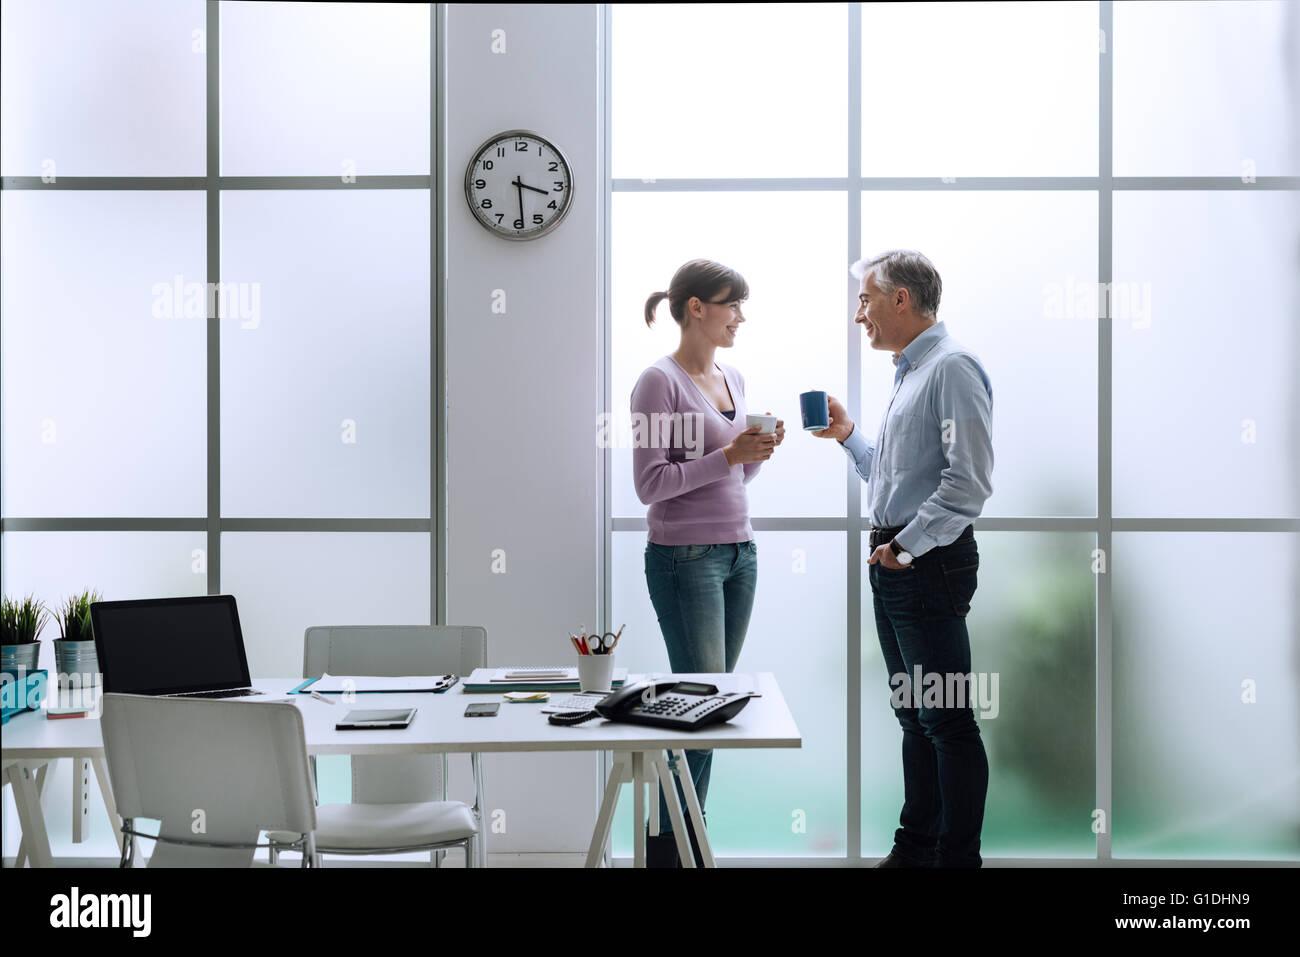 Les employés de bureau gaie dans le bureau, se détendre, avoir une pause-café et discuter ensemble, Photo Stock